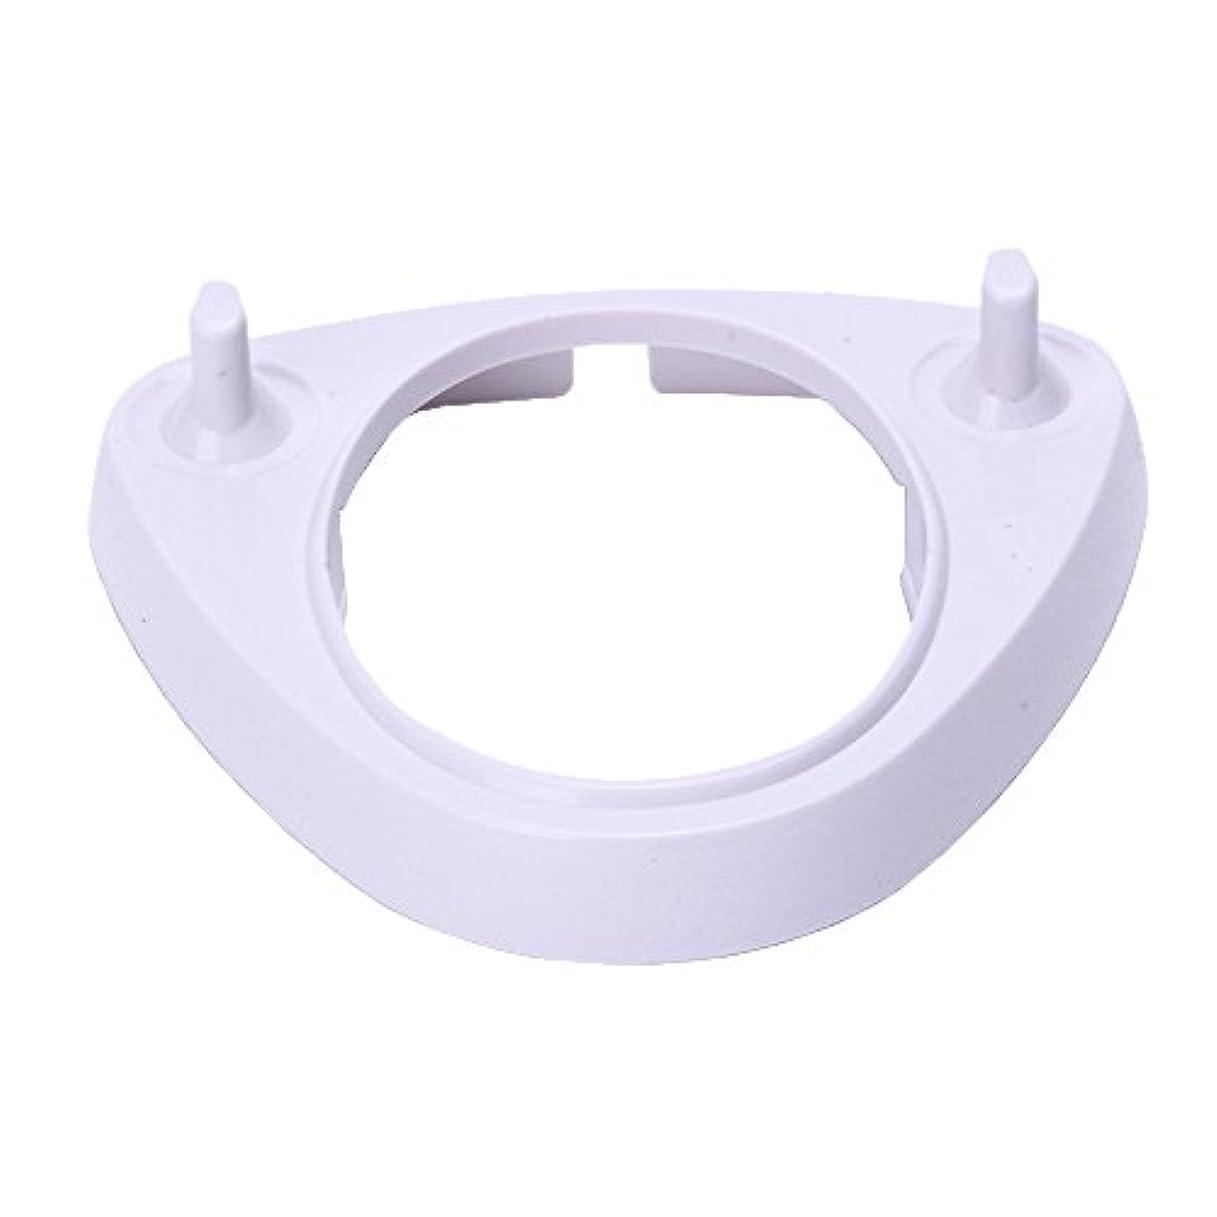 胴体セットアップインターネット白いハードプラスチックスタンド for ブラウンオーラルB電動歯ブラシ充電器 by Kadior